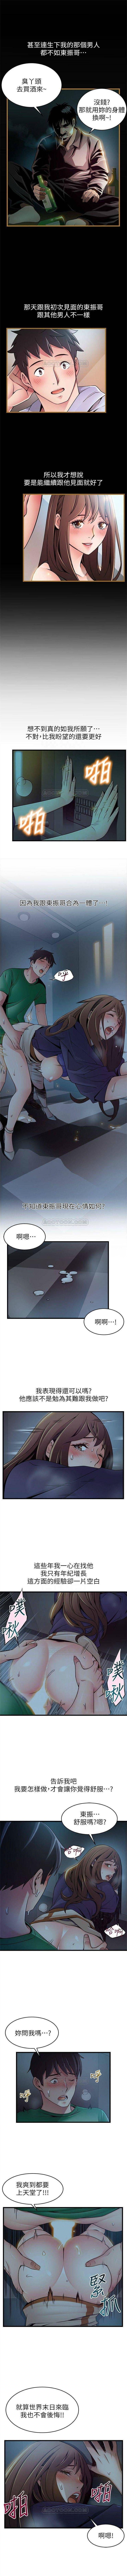 弱點 1-101 官方中文(連載中) 395